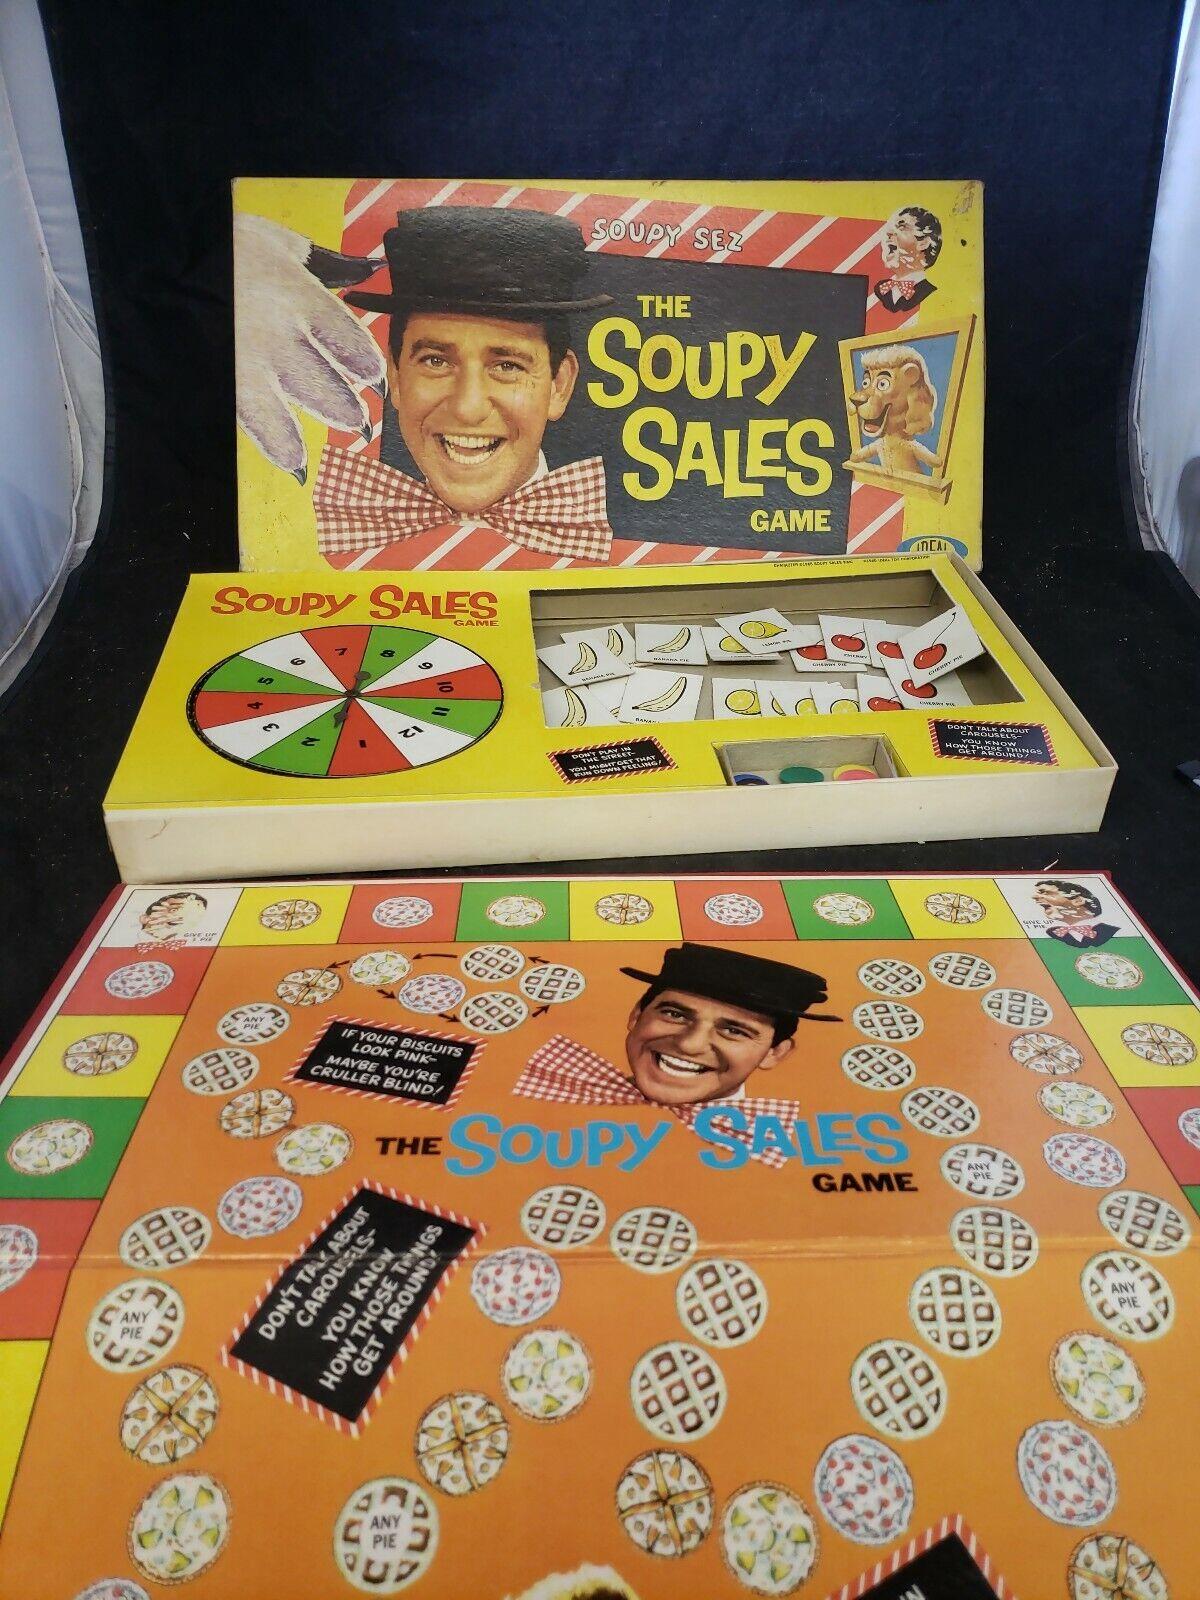 marchio in liquidazione The The The Soupy Sales tavola gioco 1965 Ideal Soupy Sales completare 2283-0 (f1)  risparmia fino al 70% di sconto